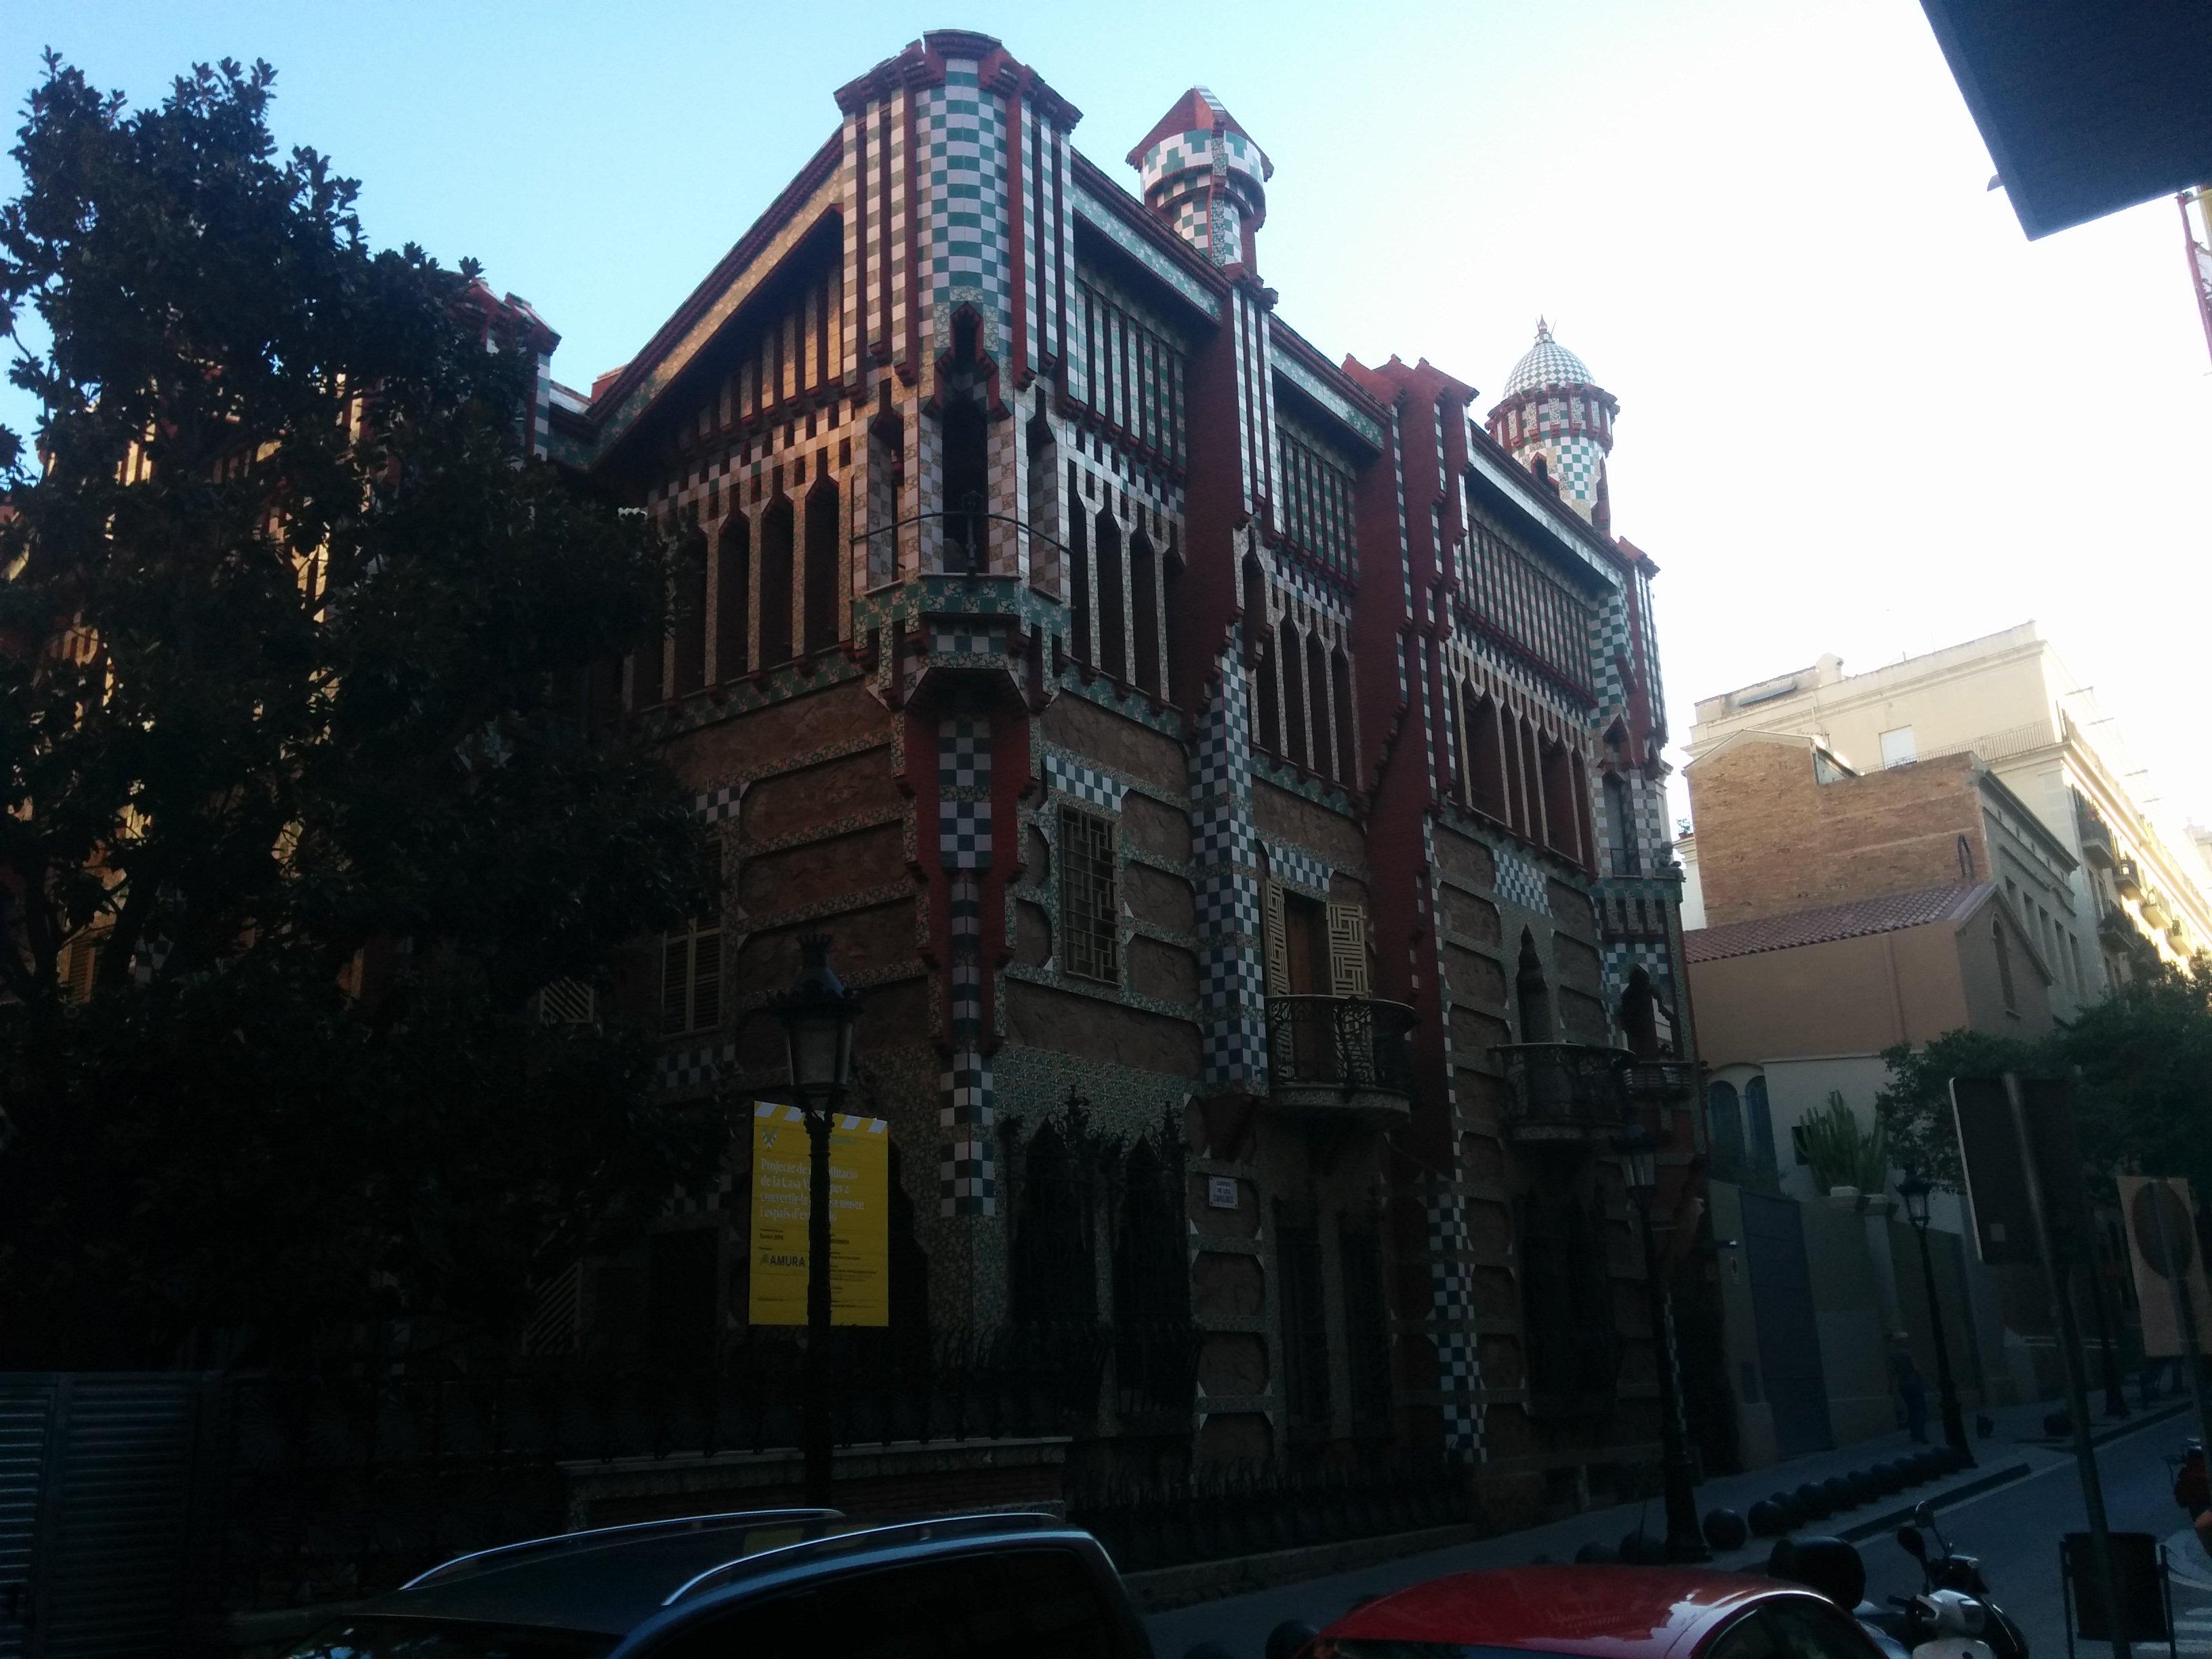 Casa Vicens - otra obra de Gaudí